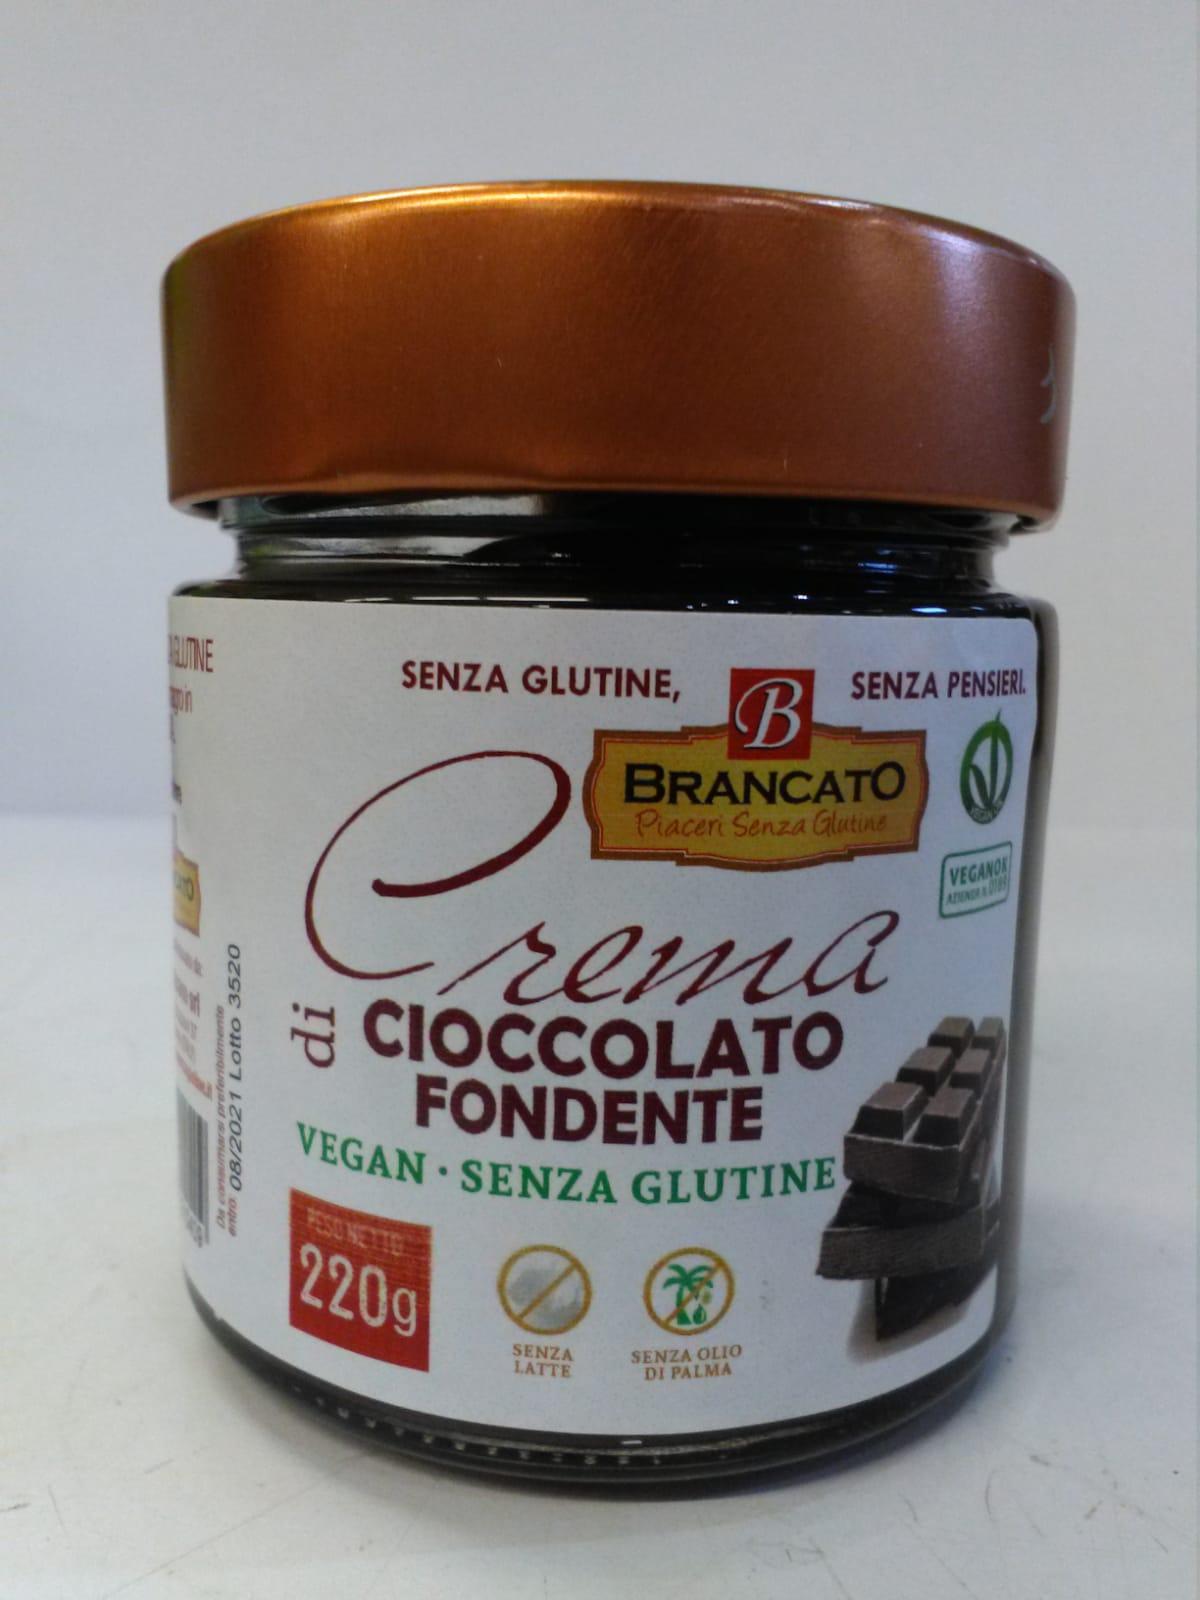 Crema di cioccolato fondente senza glutine e vegana